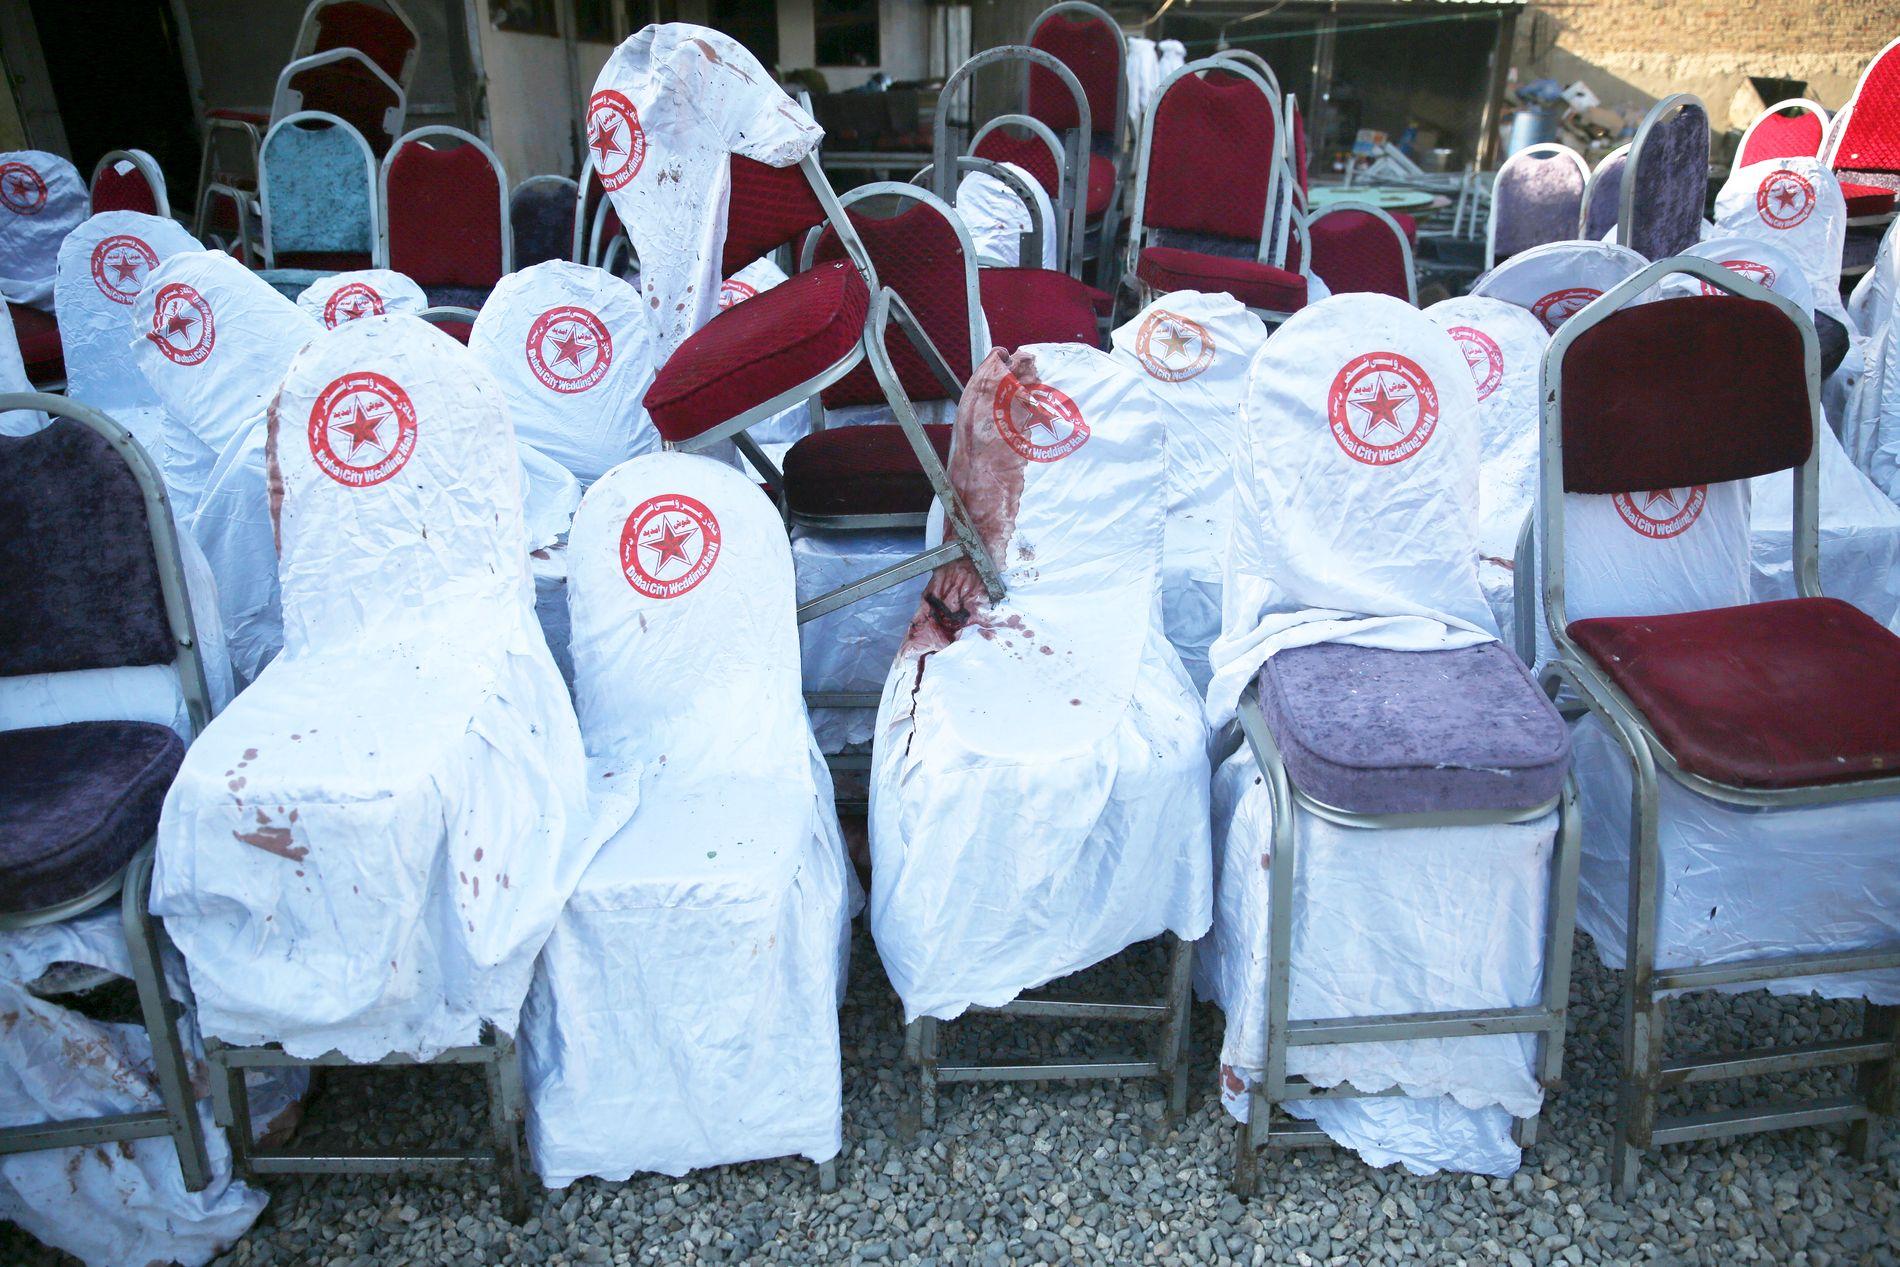 MANGE DØDE: Mange av stolene er blodige, 63 mennesker skal være døde og foreløpig er det meldt om 183 skadde.